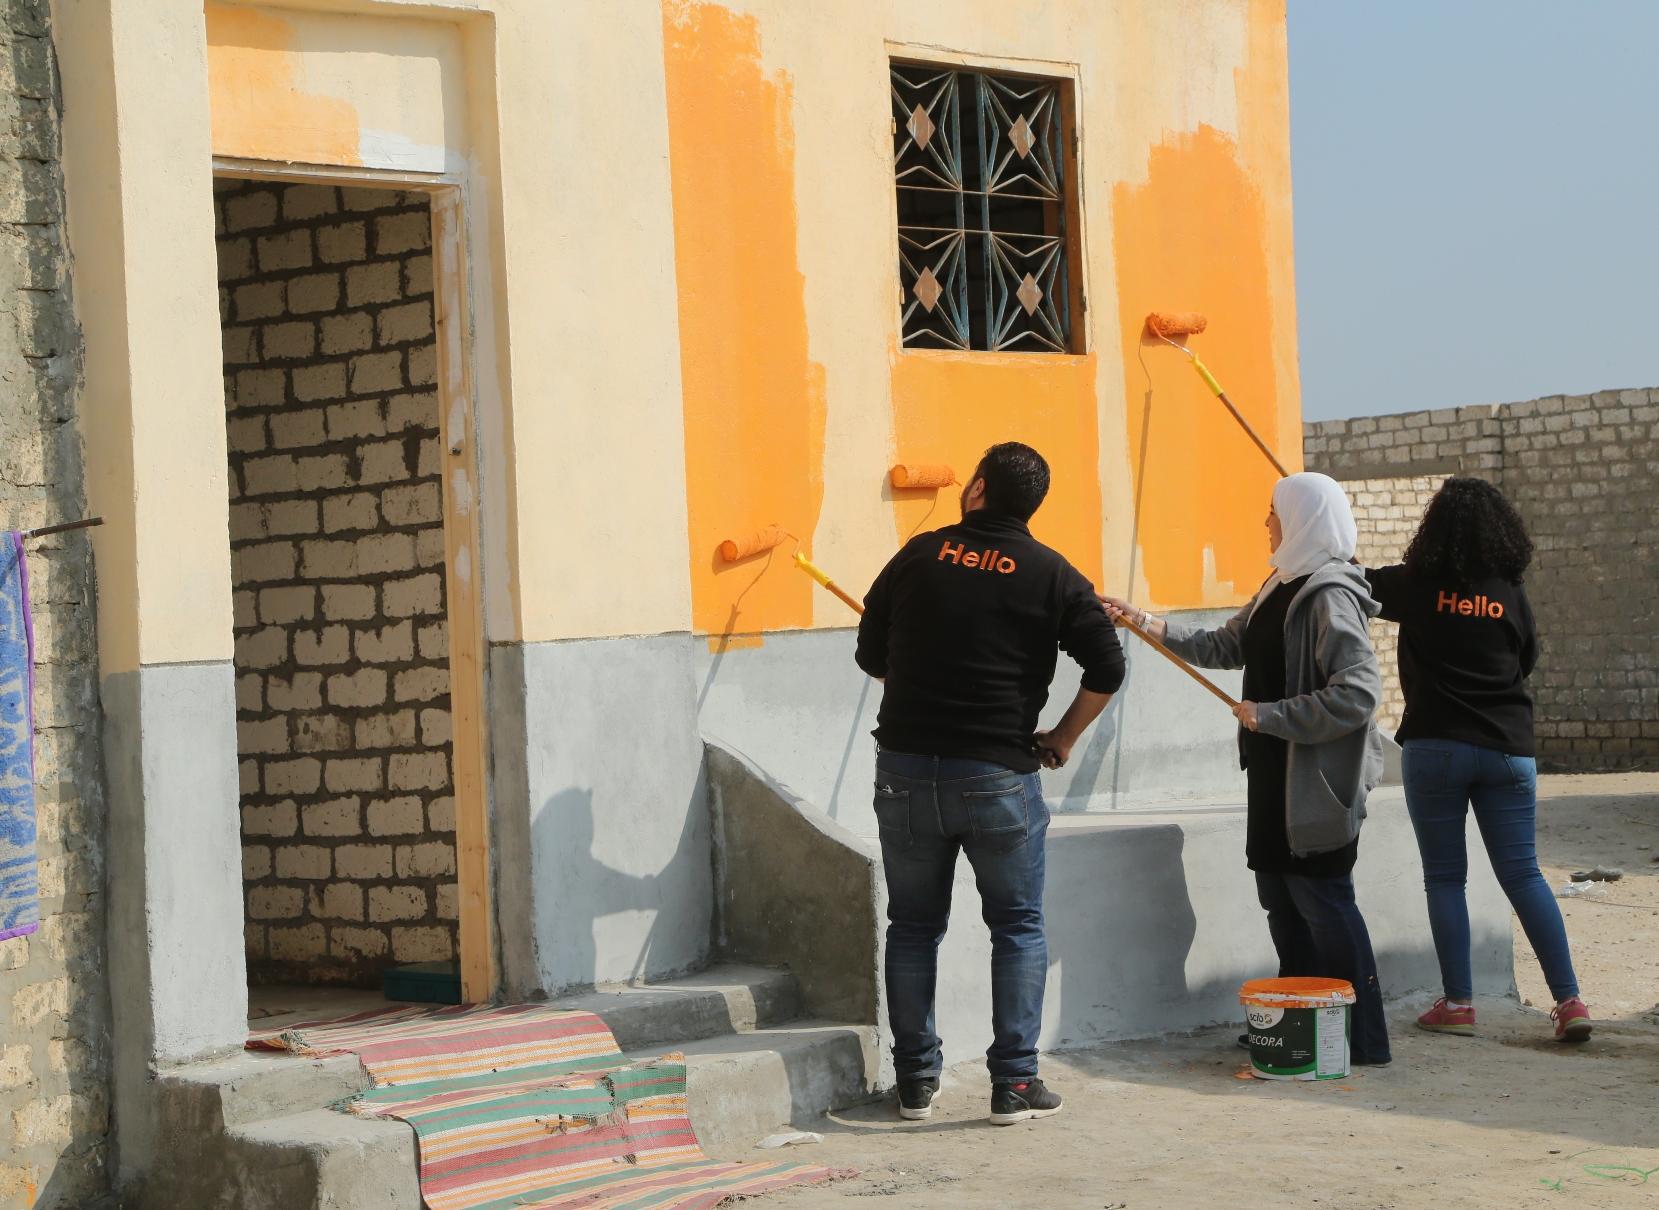 أورنج مصر تطلق حملة لتسقيف المنازل (1)